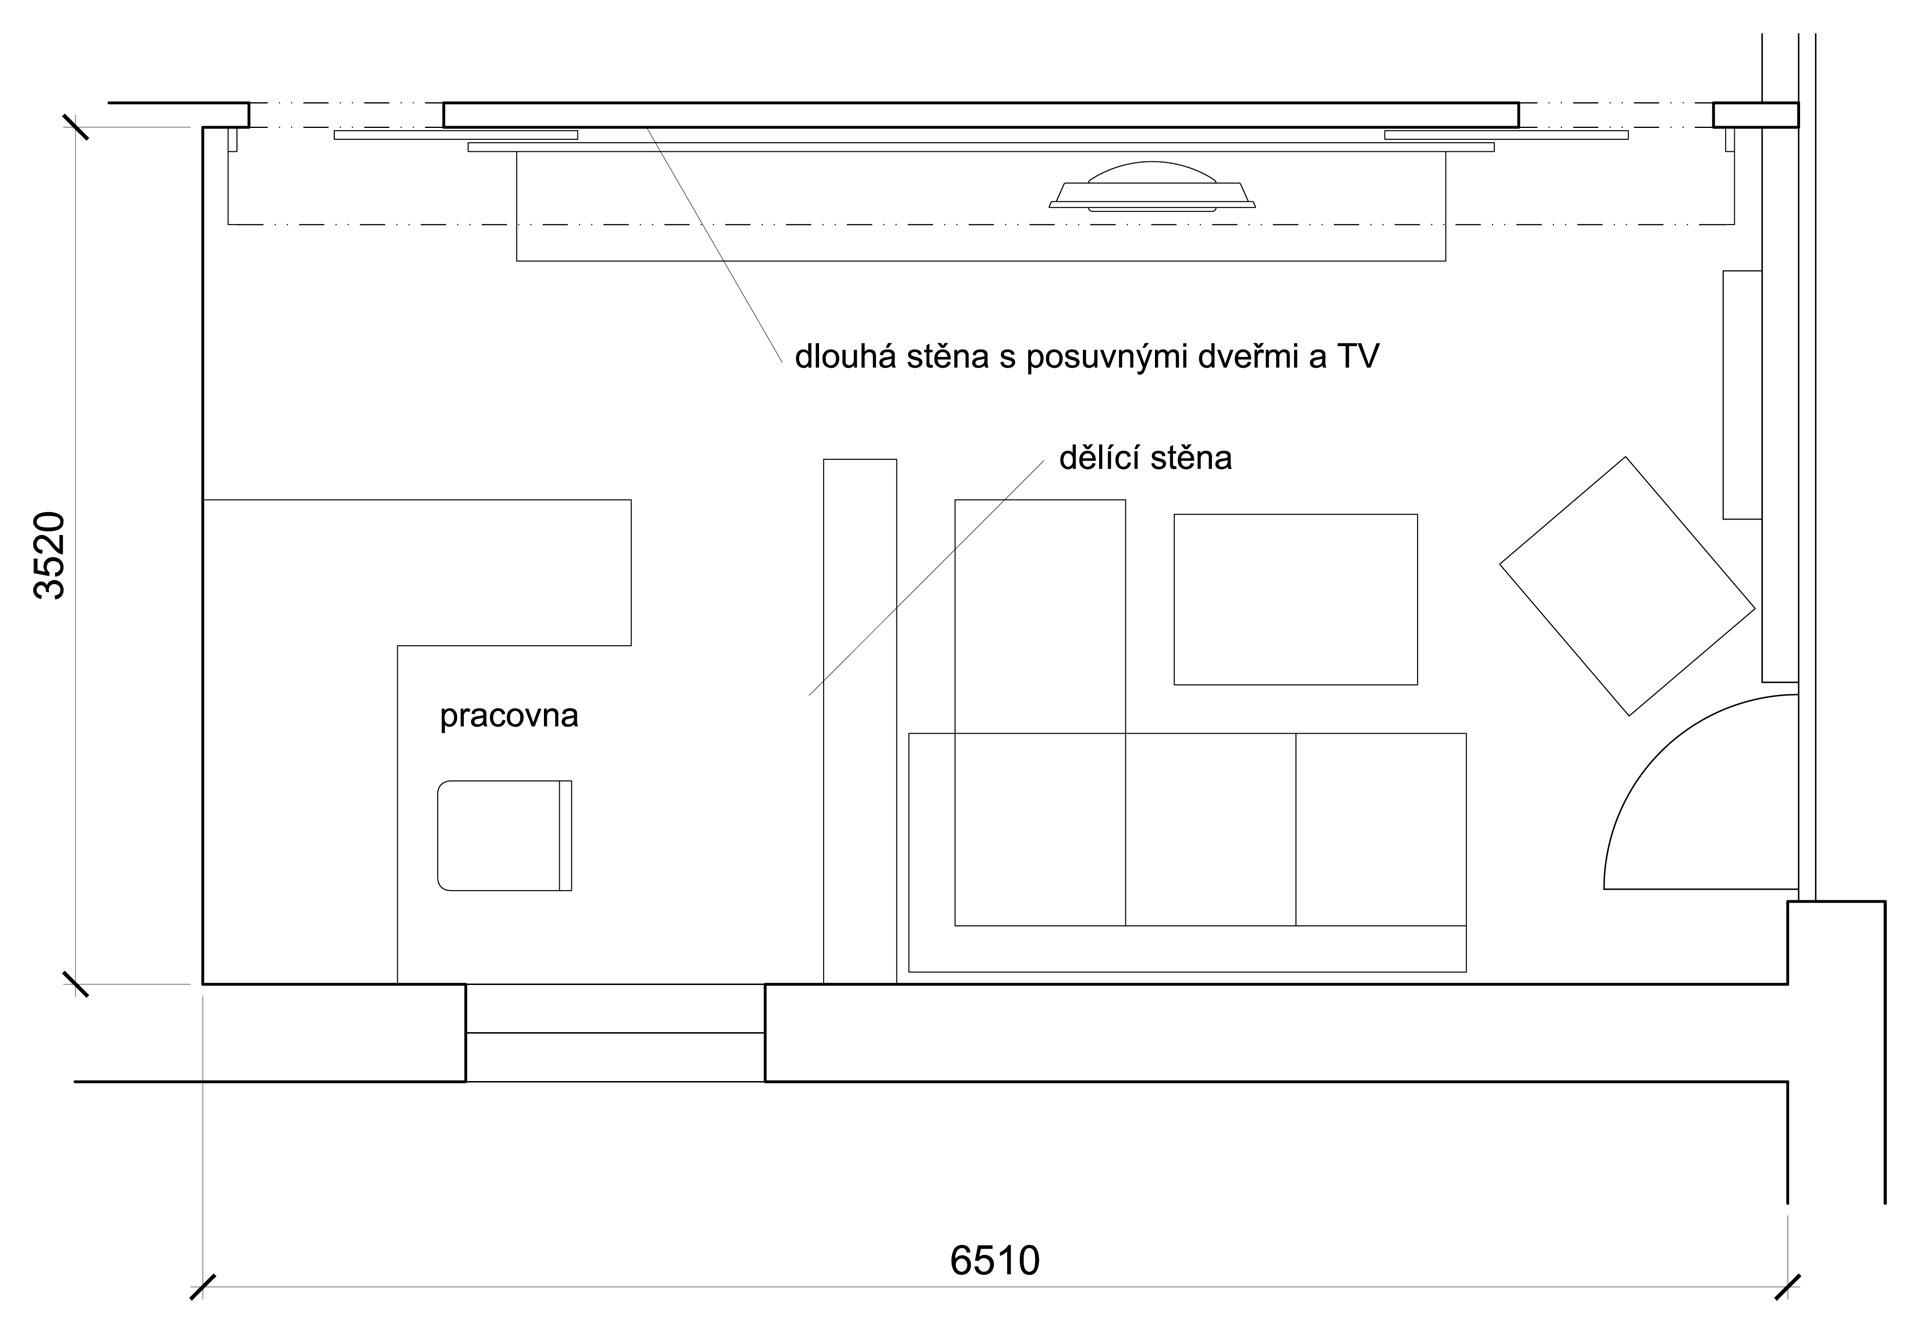 jak se staví sen - obývací pokoj s pracovním koutem půdorys